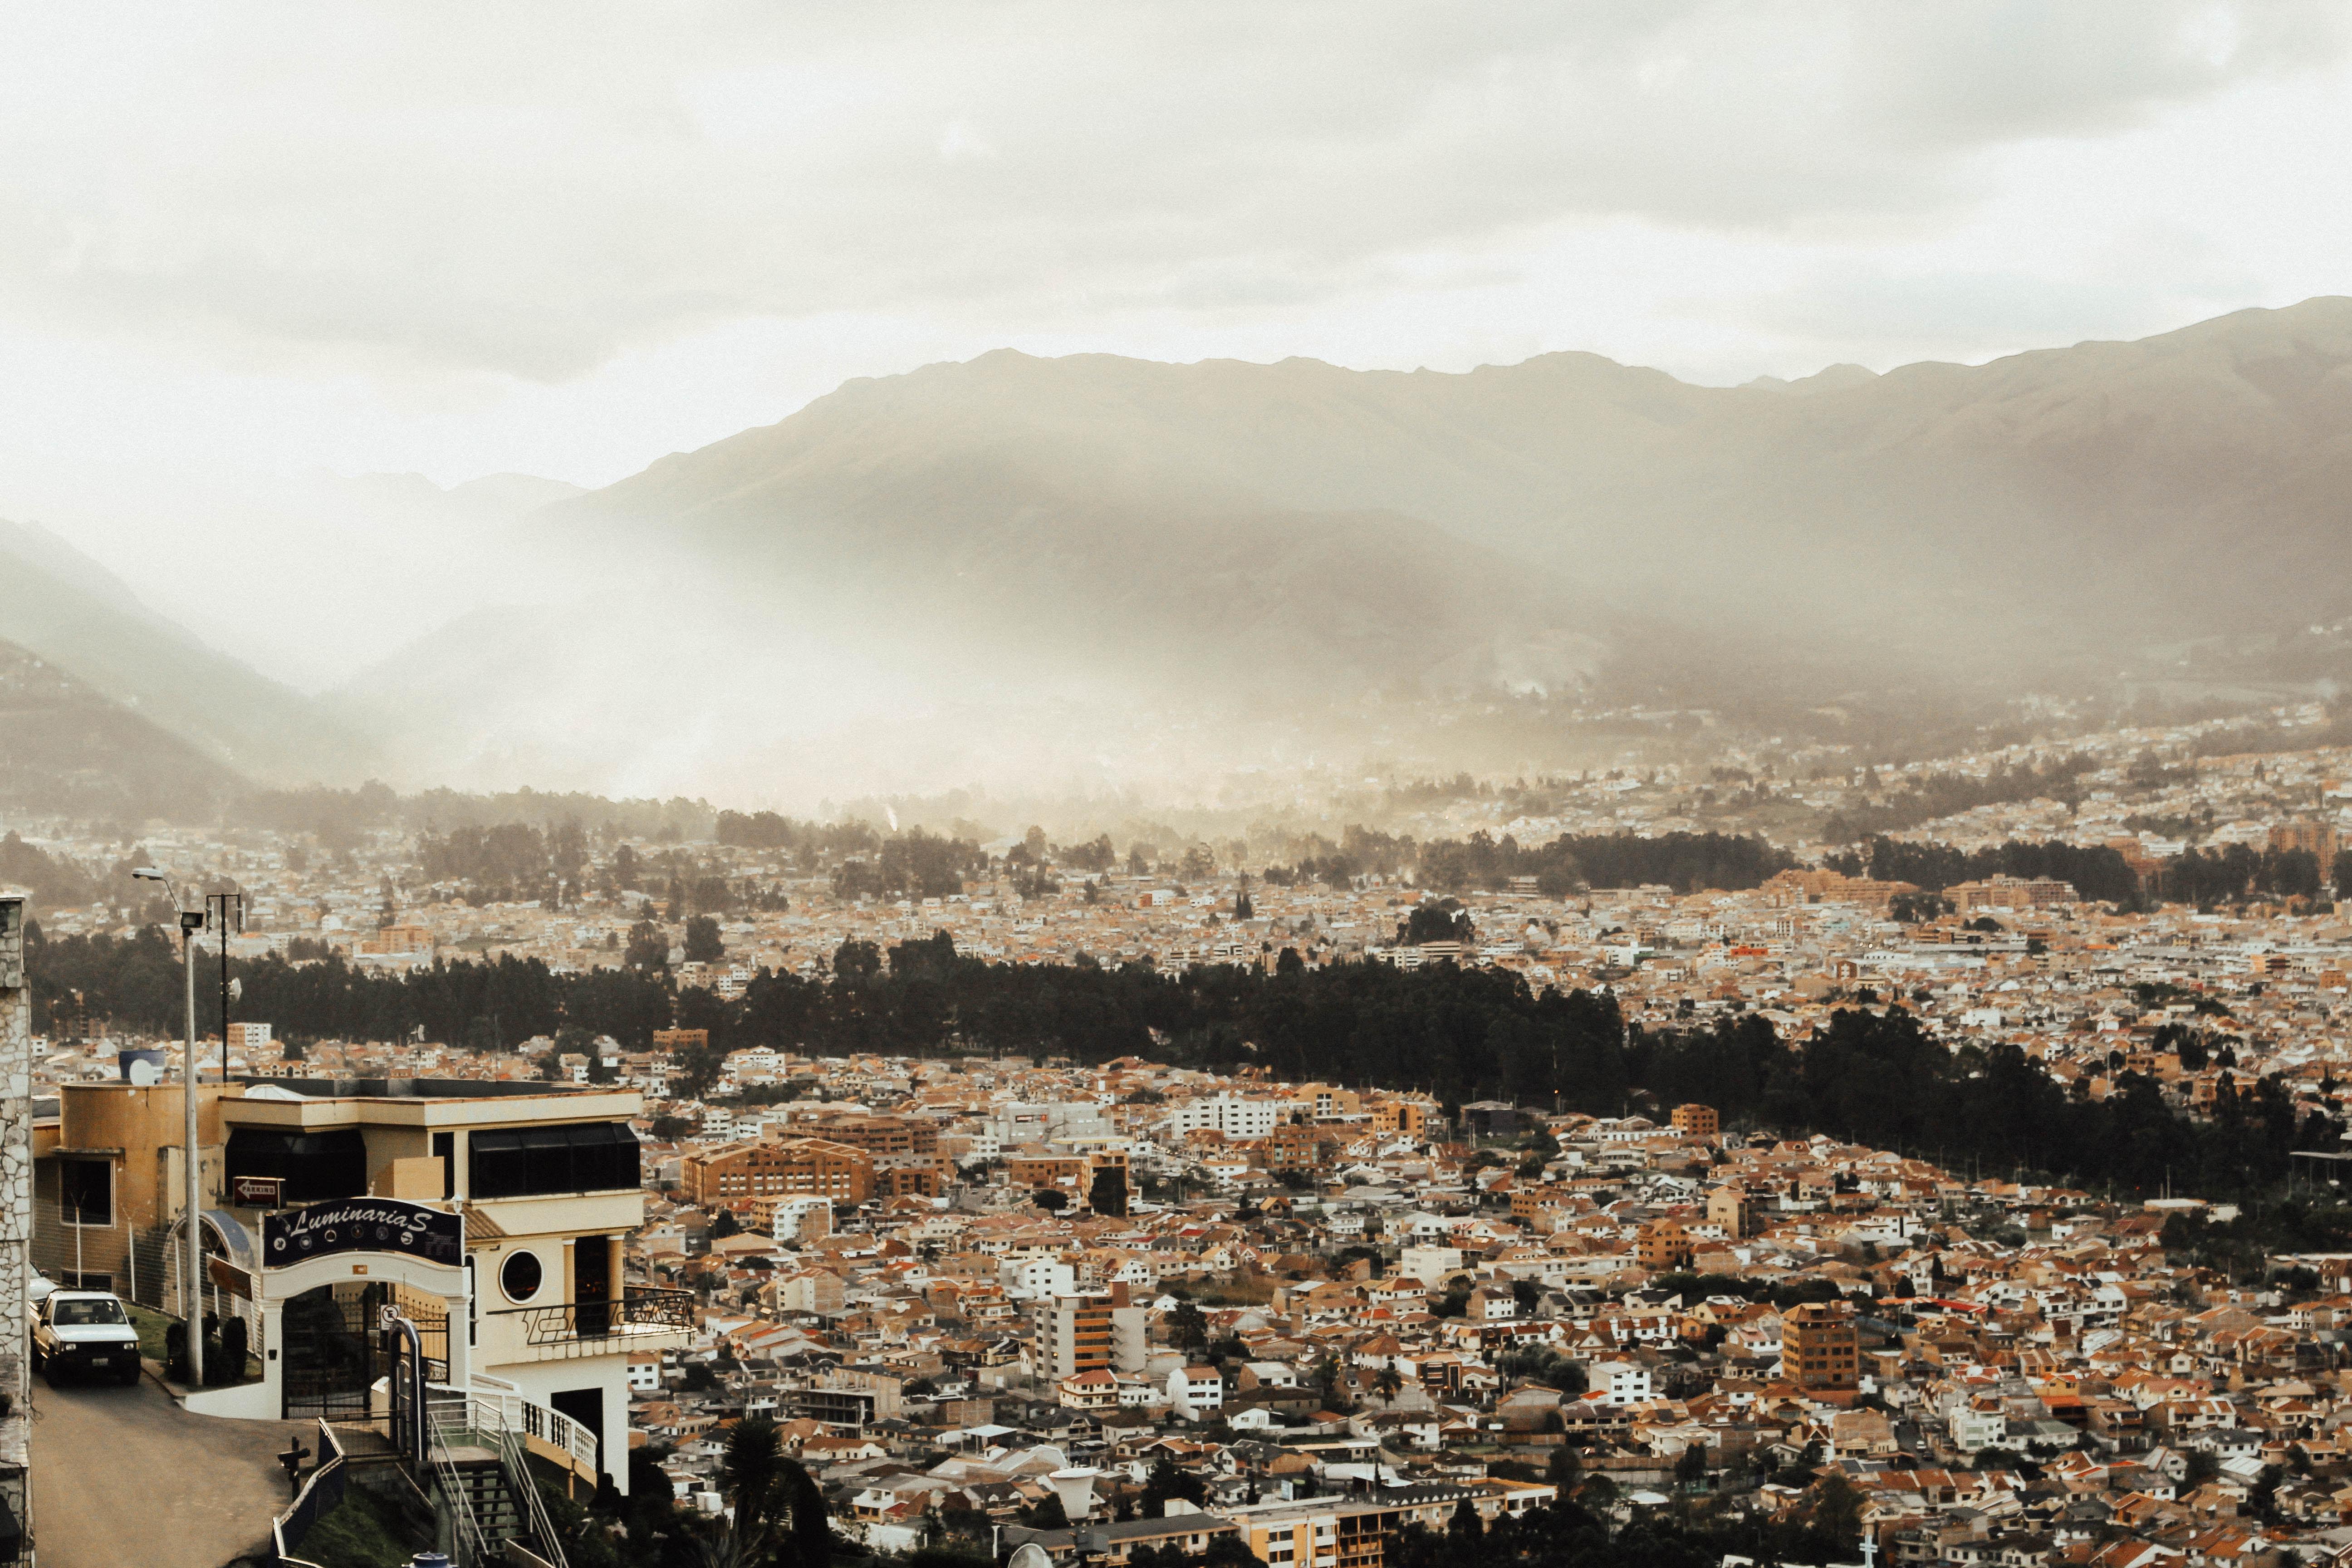 Imagen de la noticia Apoyo al ministerio de desarrollo urbano y vivienda de ecuador en el proceso de reconstrucción de vivienda y planificación urbana de las áreas afectadas por el sismo de abril de 2016 (fase 1)